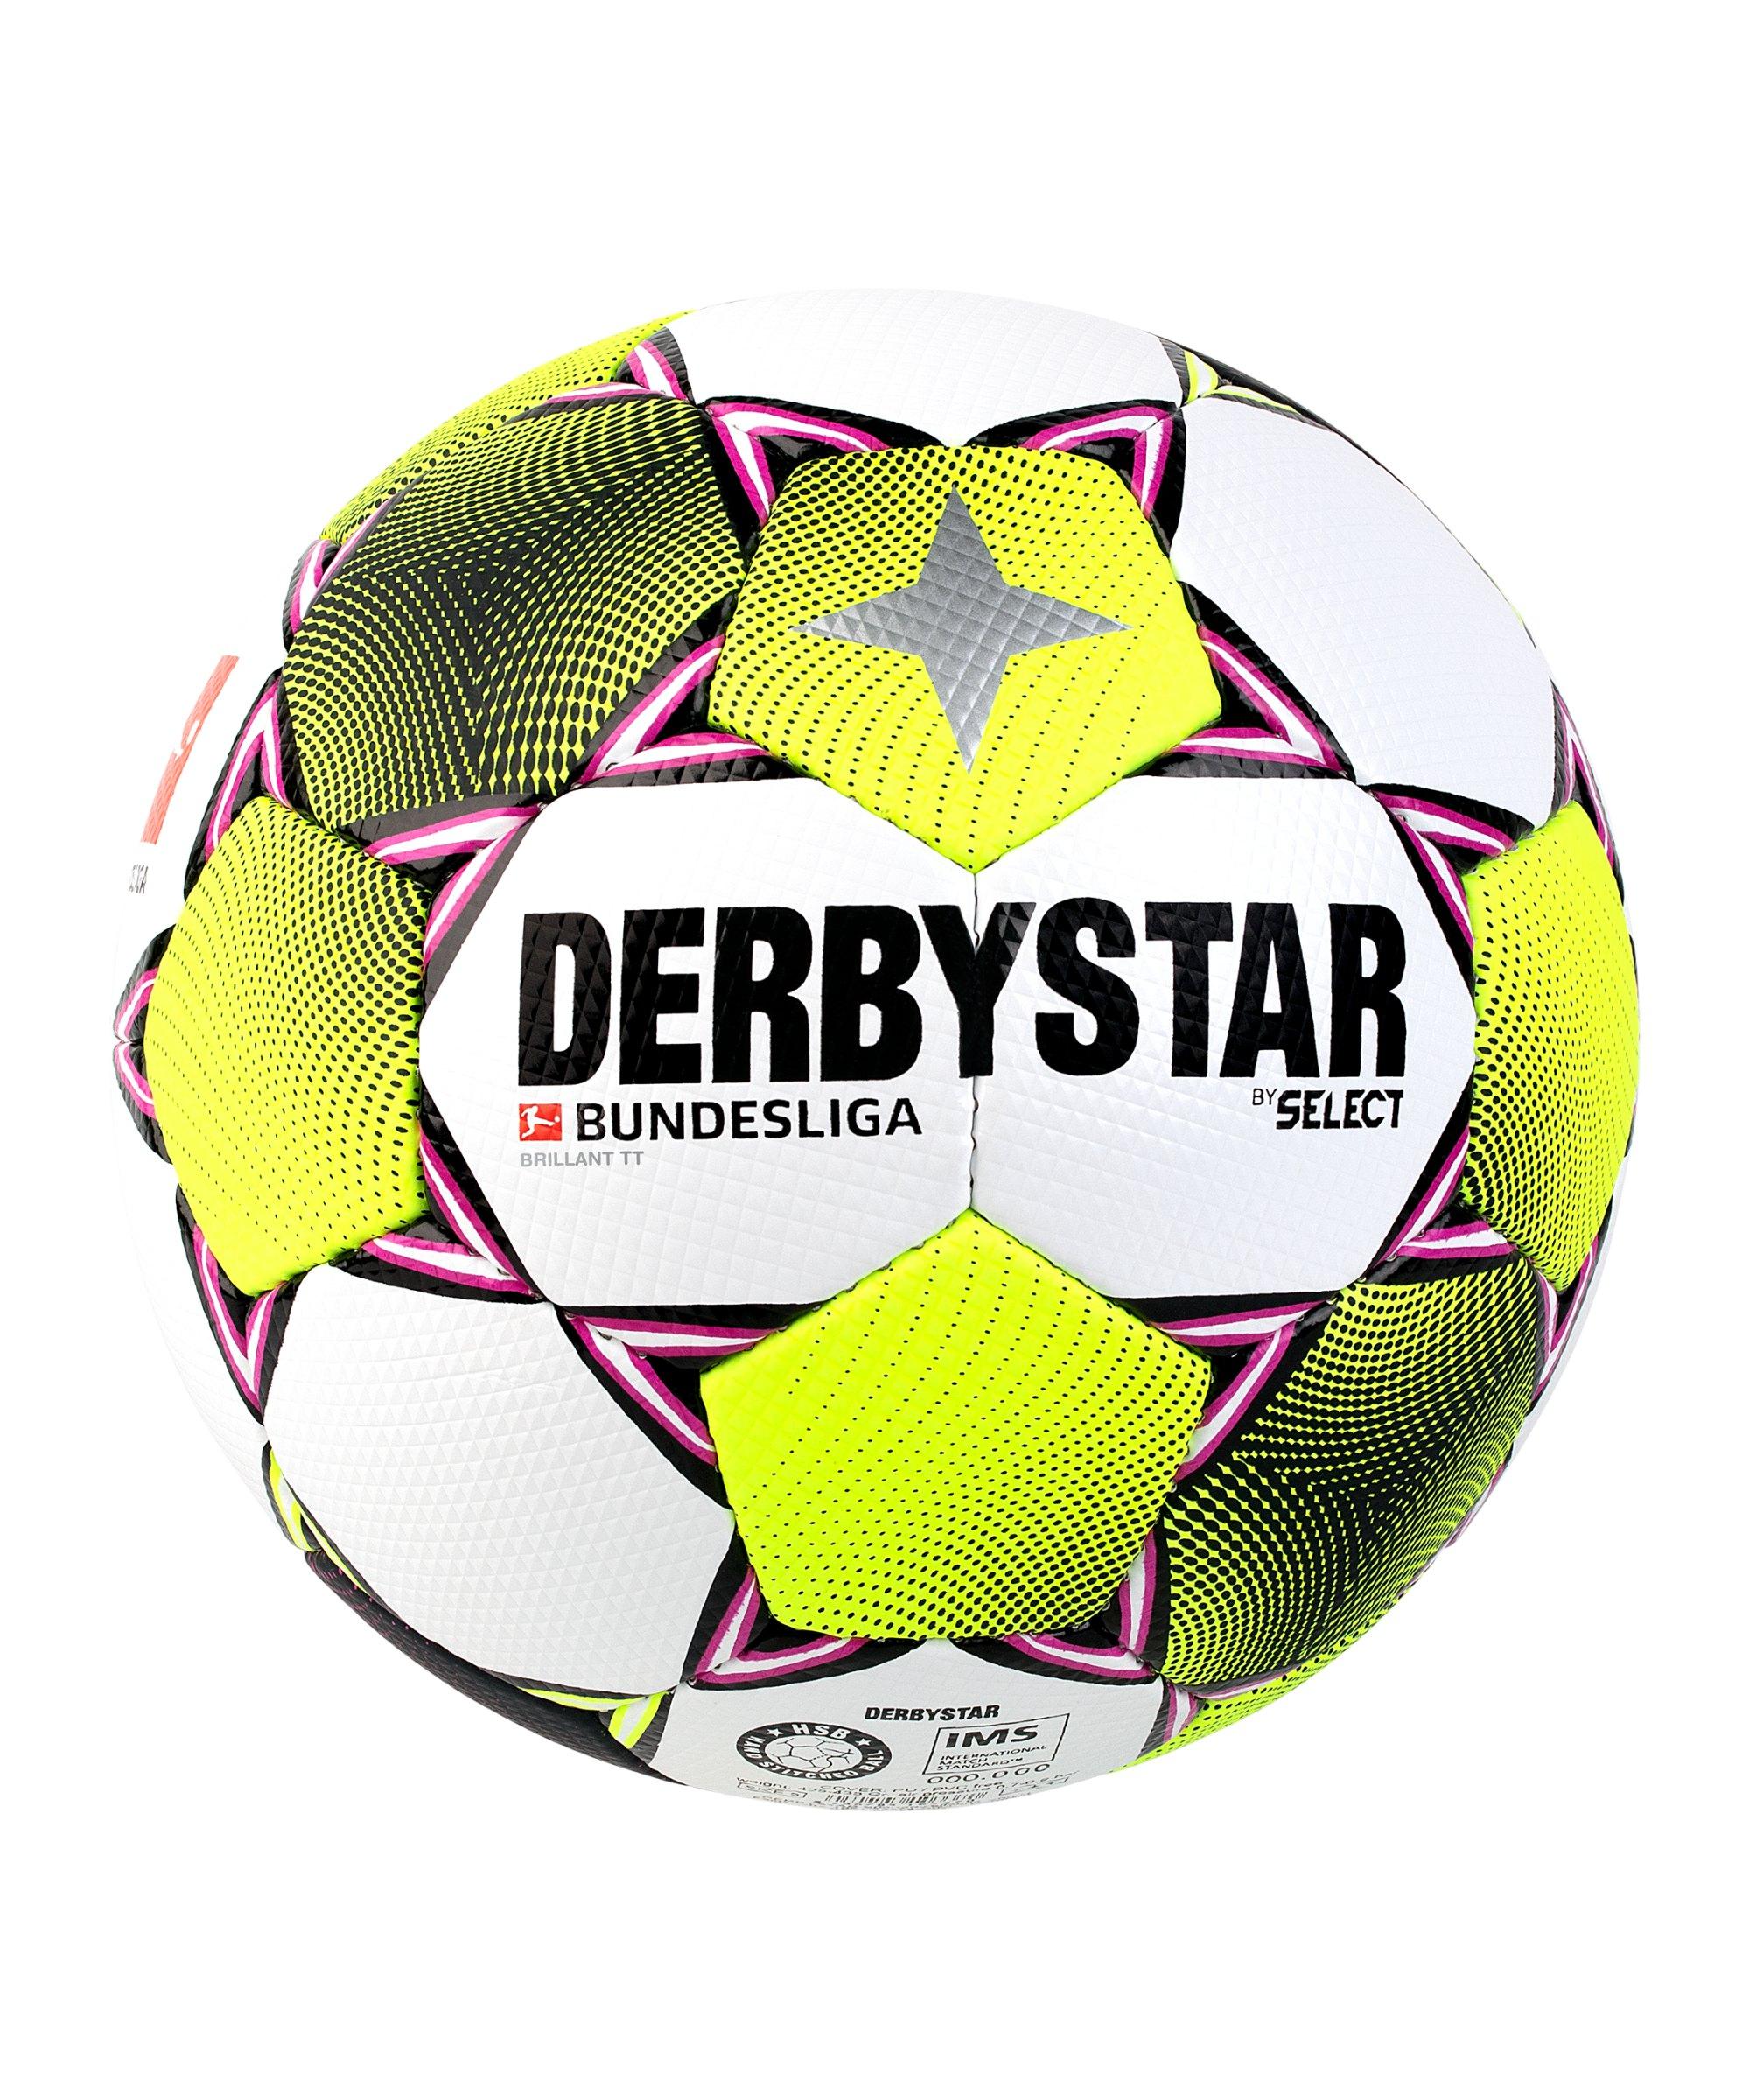 Derbystar Bundesliga Brillant TT Trainingsball Weiss F020 - weiss